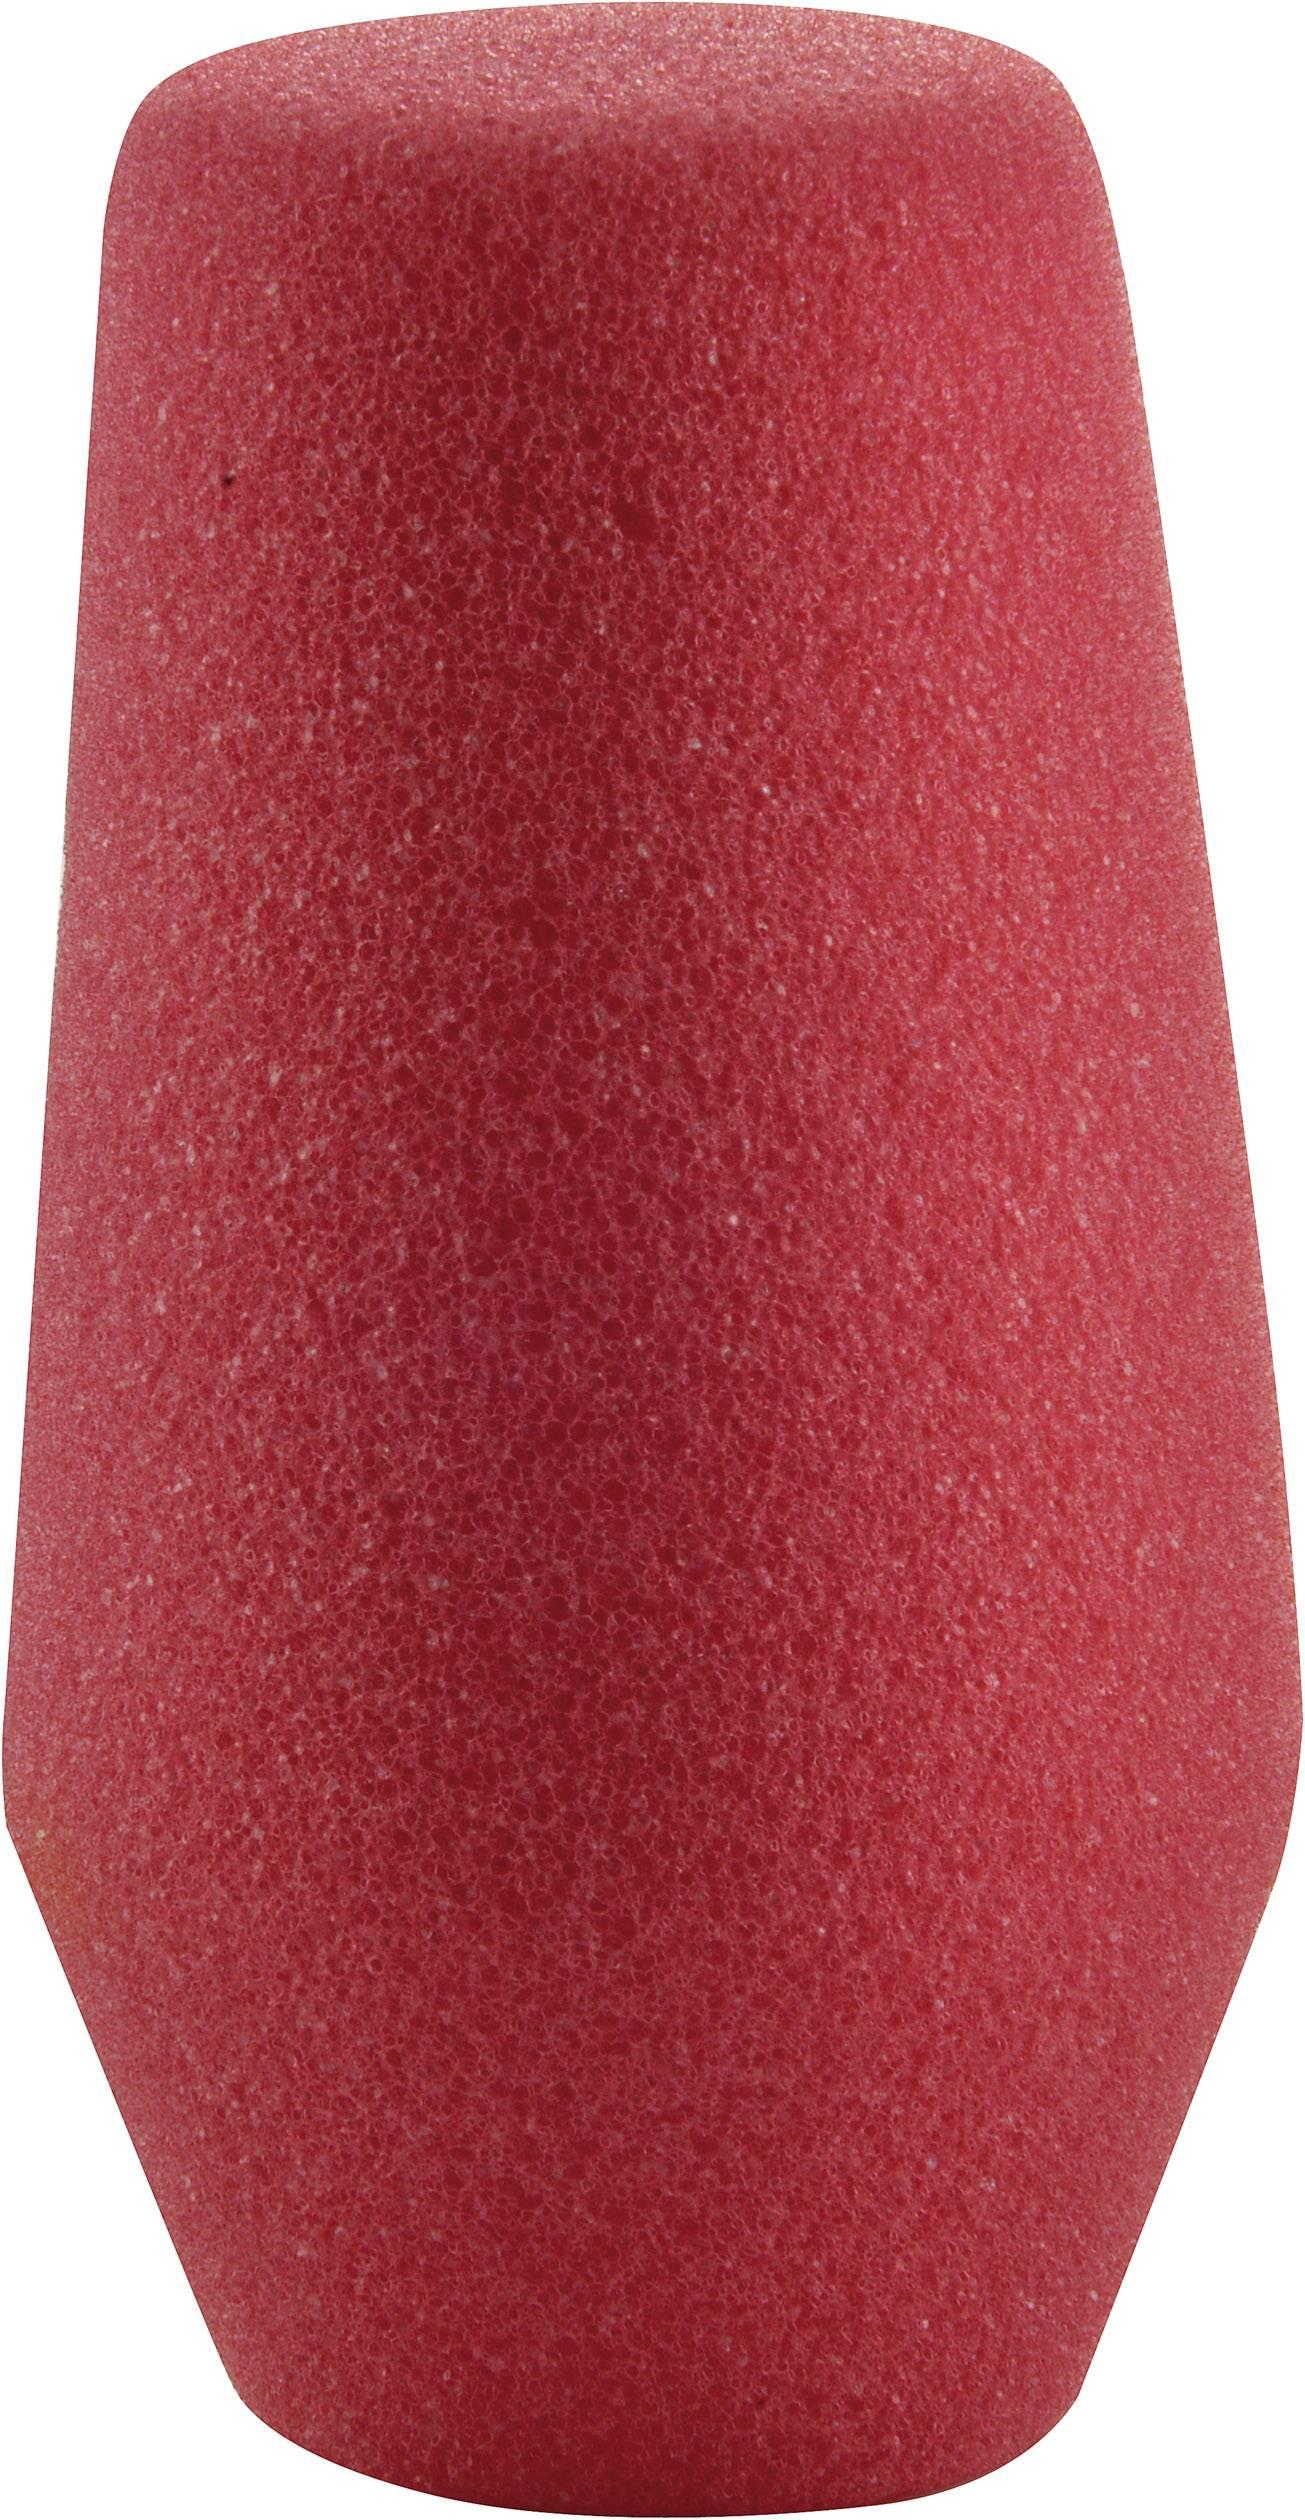 Ochrana mikrofonu před větrem,30 - 40 mm, červená